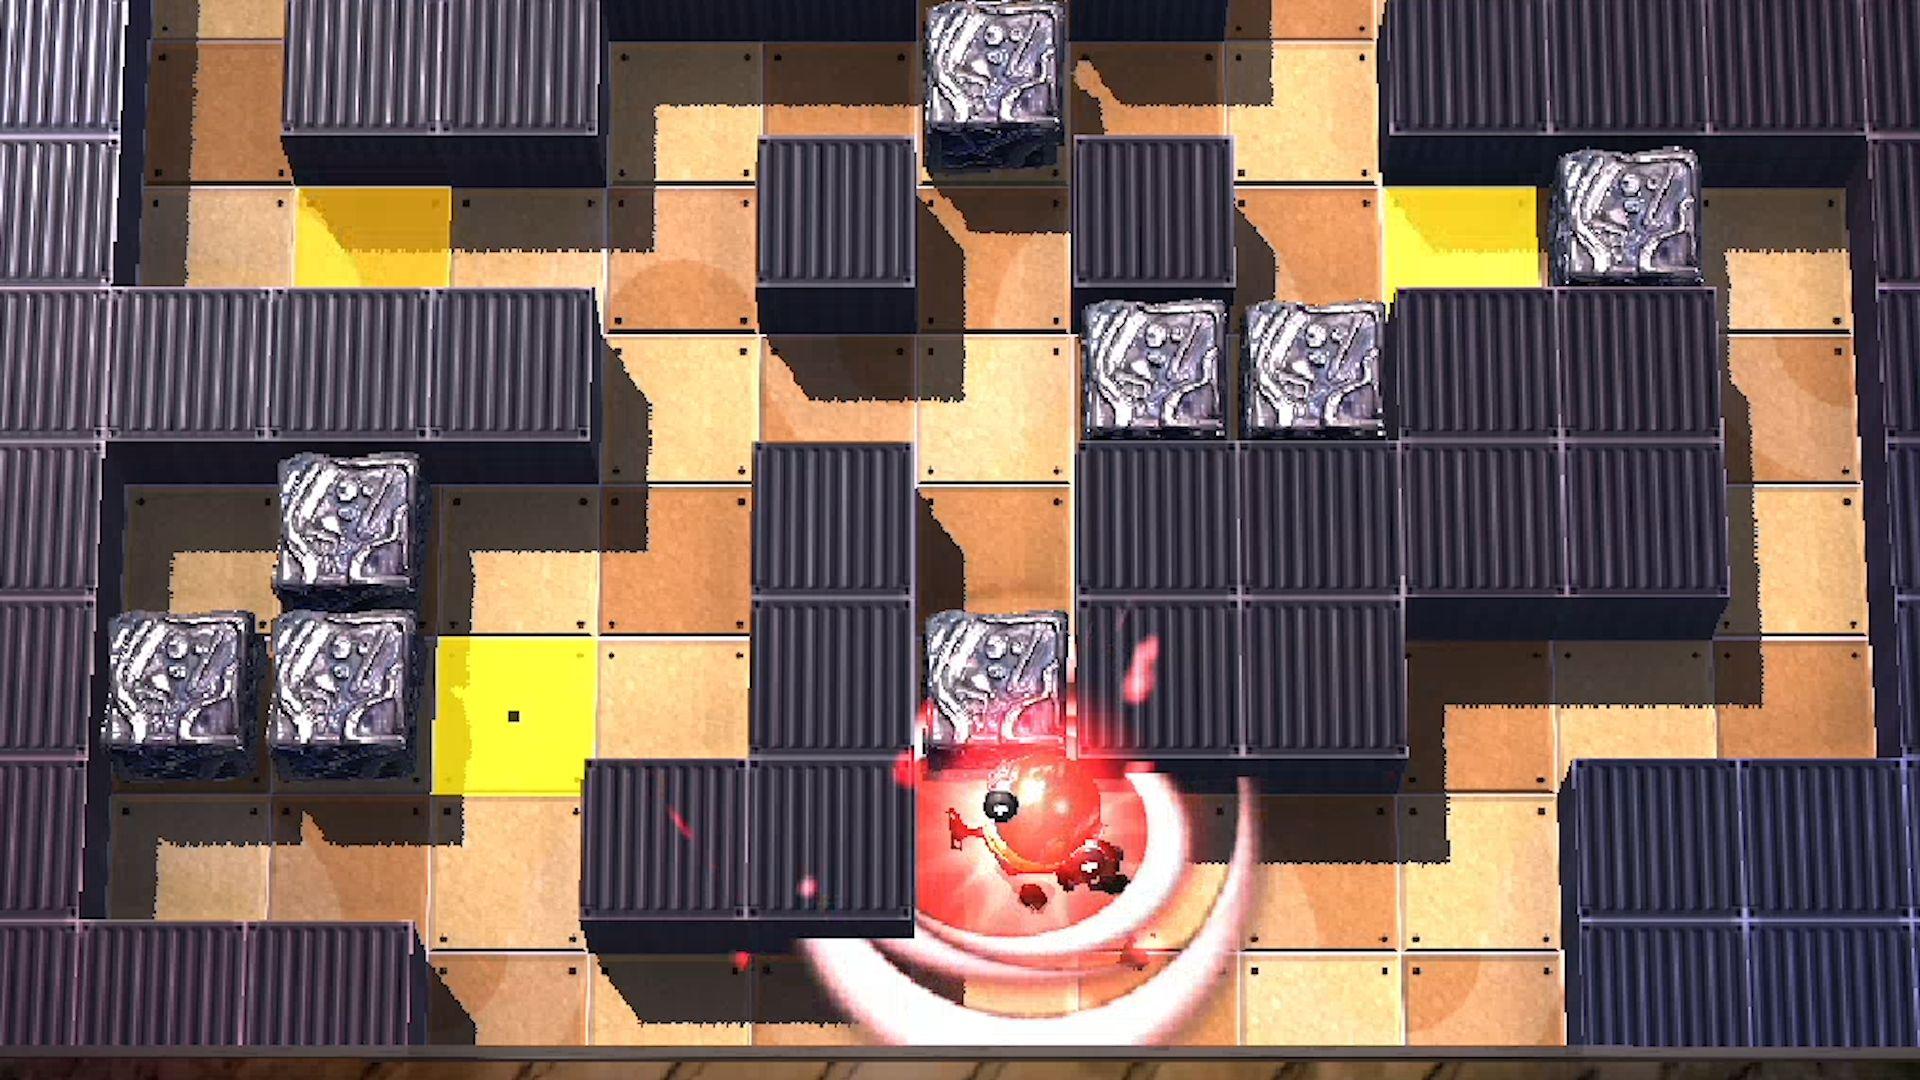 ため押しでも強力なプッシュが繰り出せる。他のブロックもガンガン壊しながら突き進もう